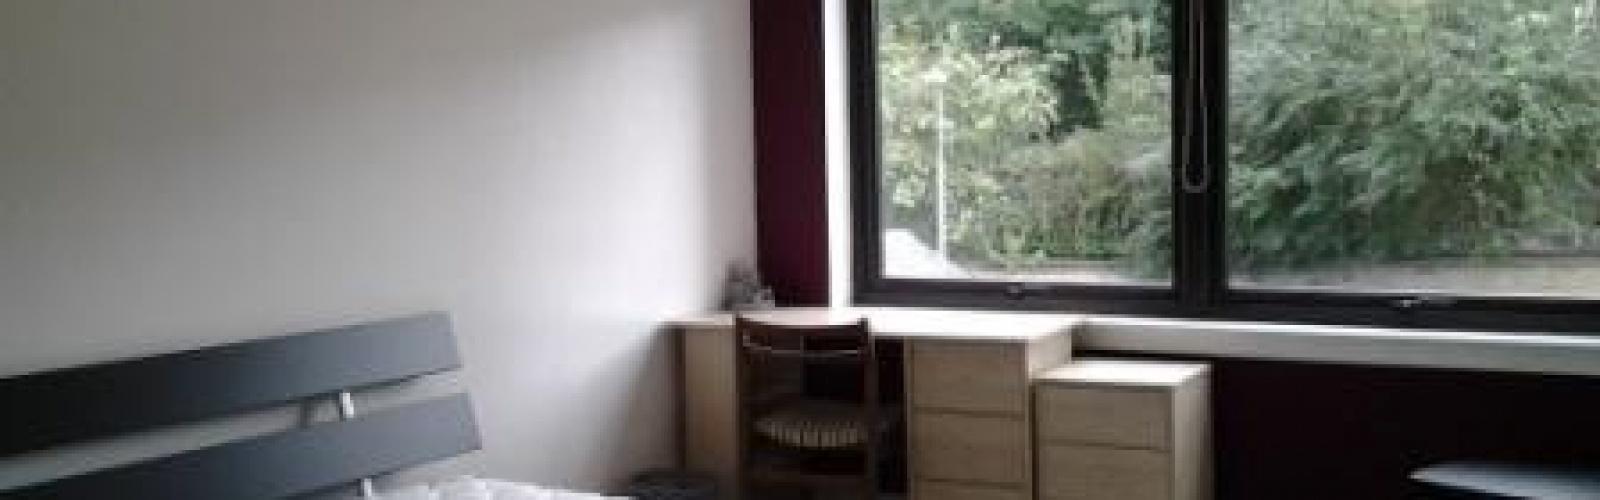 2 Bedrooms Bedrooms,1 BathroomBathrooms,Flat,1037